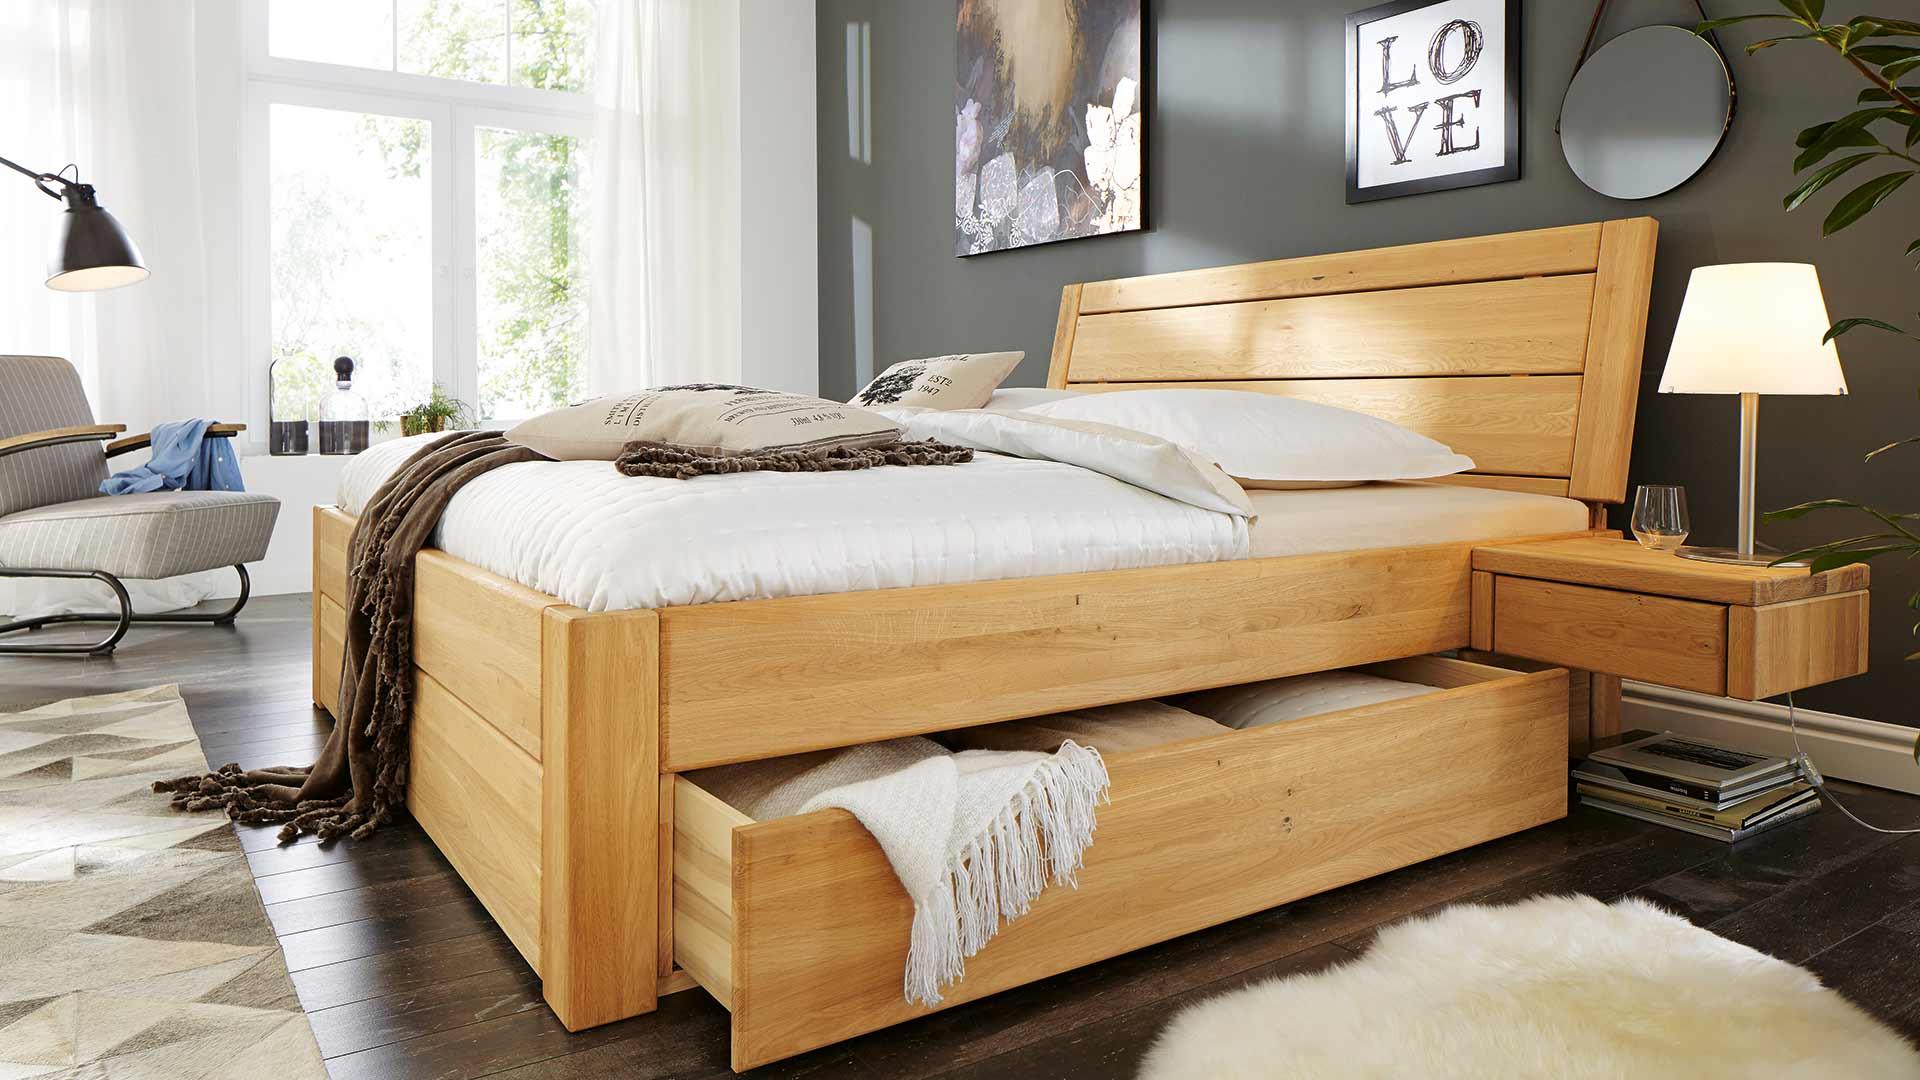 natura 1660 von natura einrichten in schneverdingen nahe hamburg m belhaus br mmerhoff. Black Bedroom Furniture Sets. Home Design Ideas